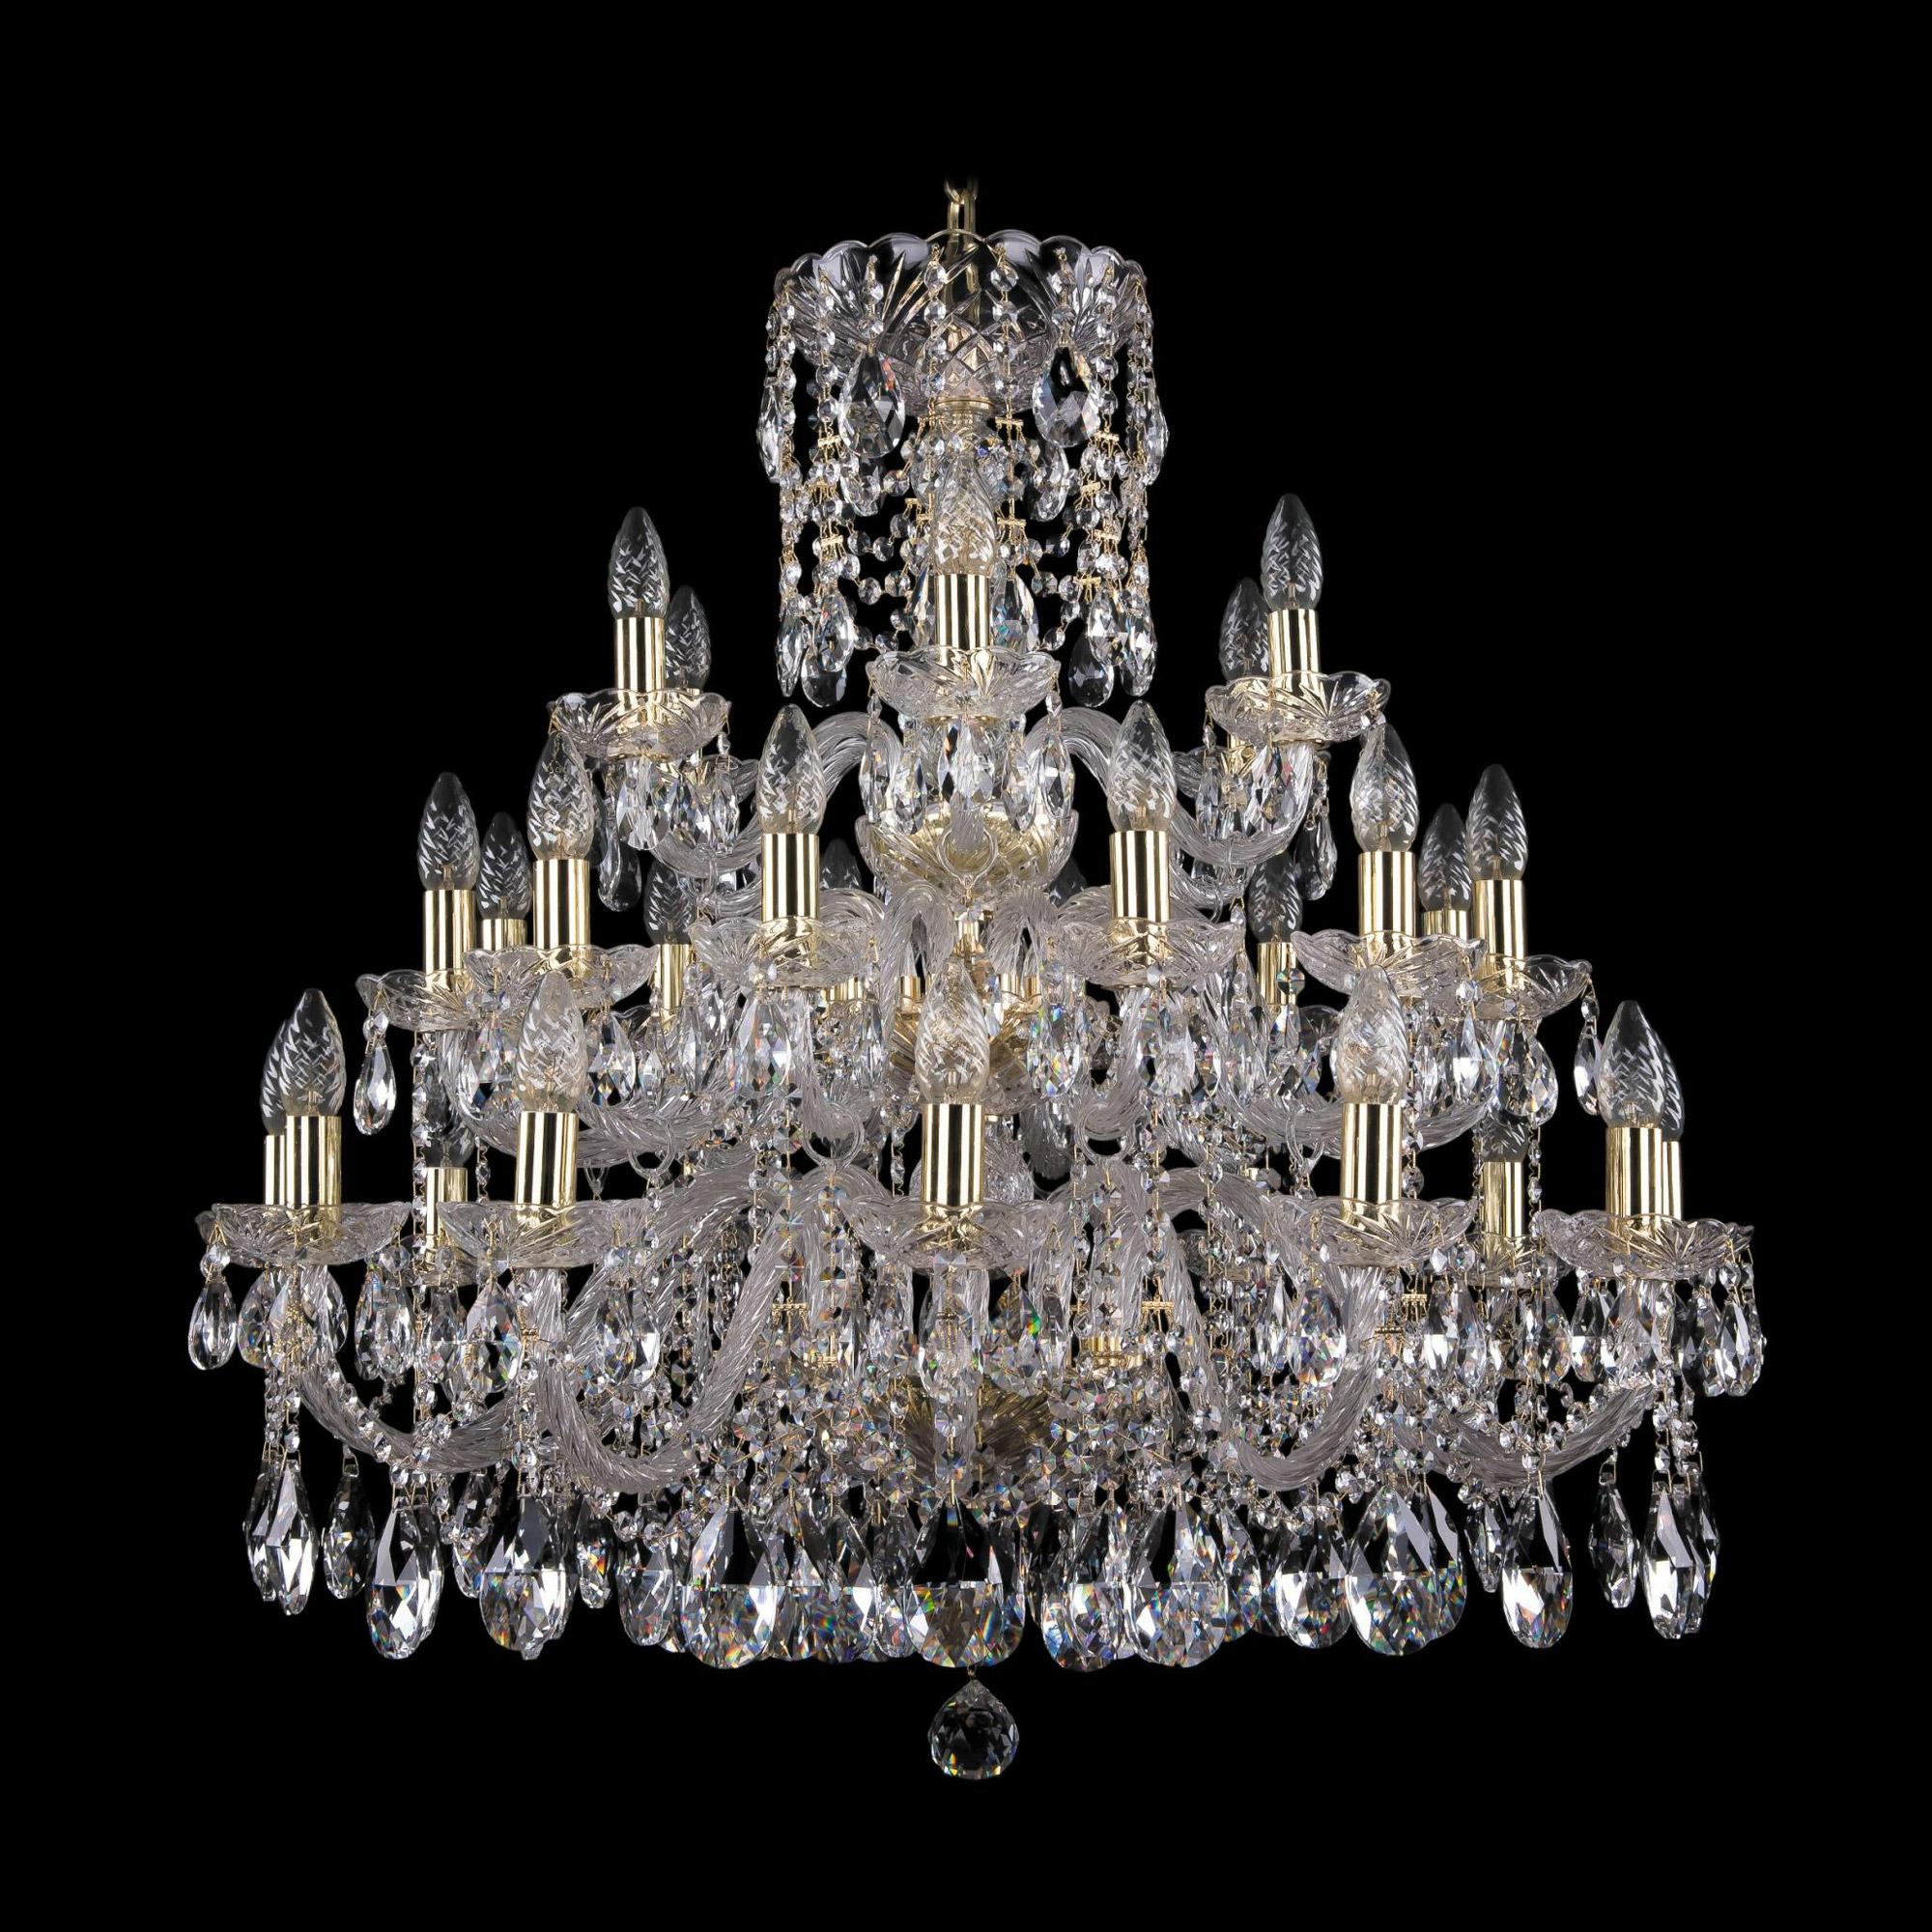 Люстра Bohemia Ivele Crystal 1412/12+12+6/300/3D G люстра bohemia ivele crystal 1402 1402 8 195 g m731 e14 320 вт